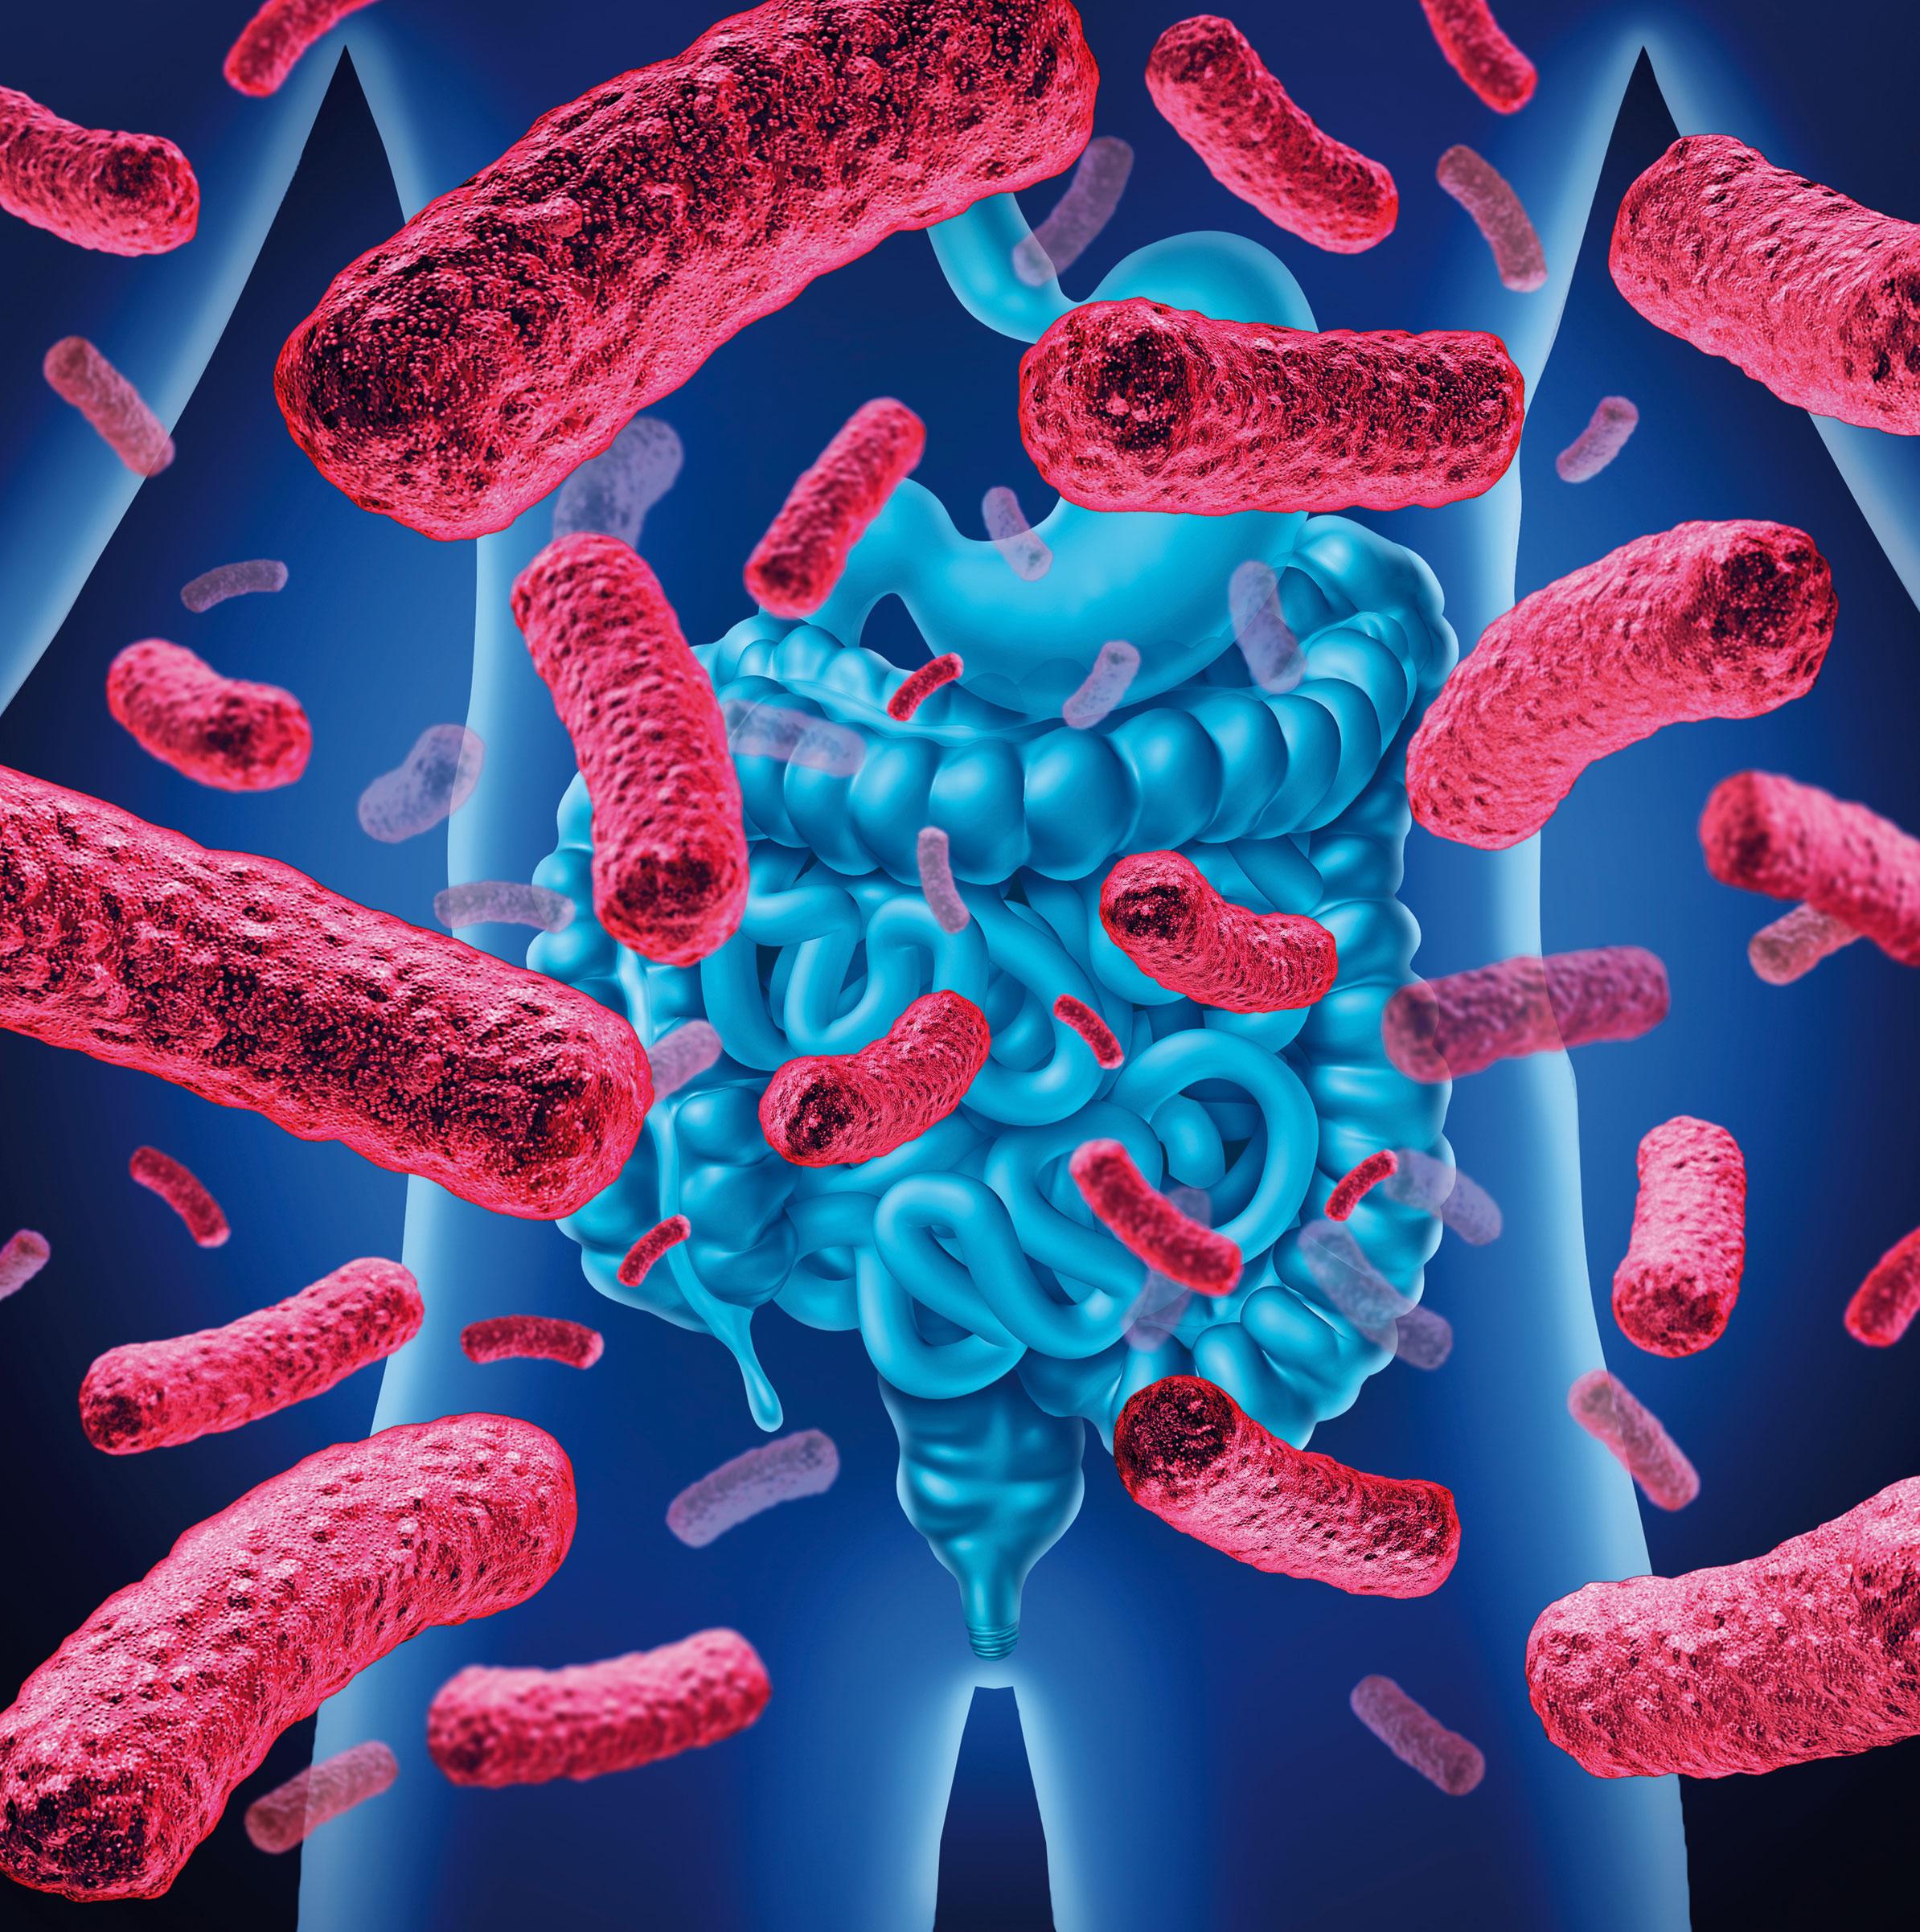 """Nosso sistema imunológico deve nos defender de agentes infecciosos externos, mas, às vezes, algum fator faz com que ele ataque nosso próprio corpo e cause doenças conhecidas como """"autoimunes""""."""